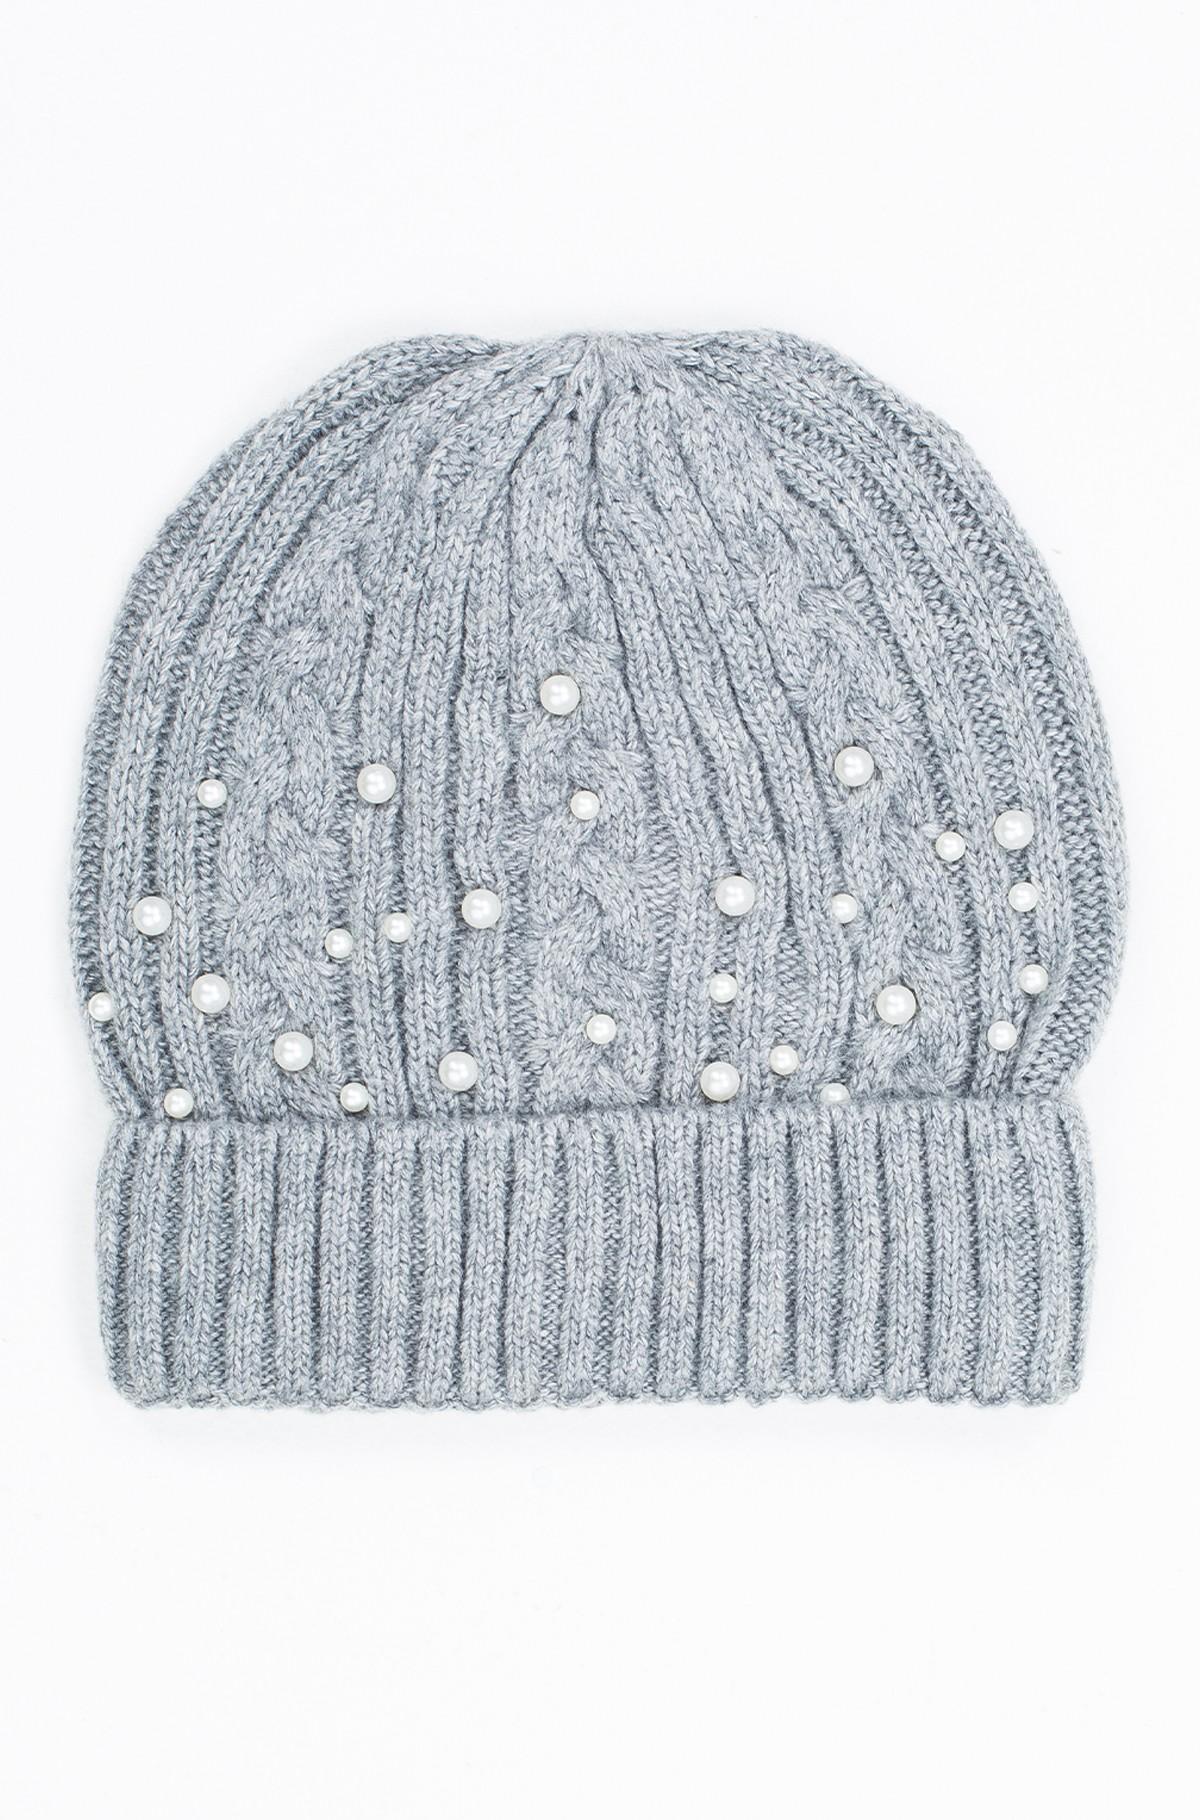 Hat 1005997-full-1